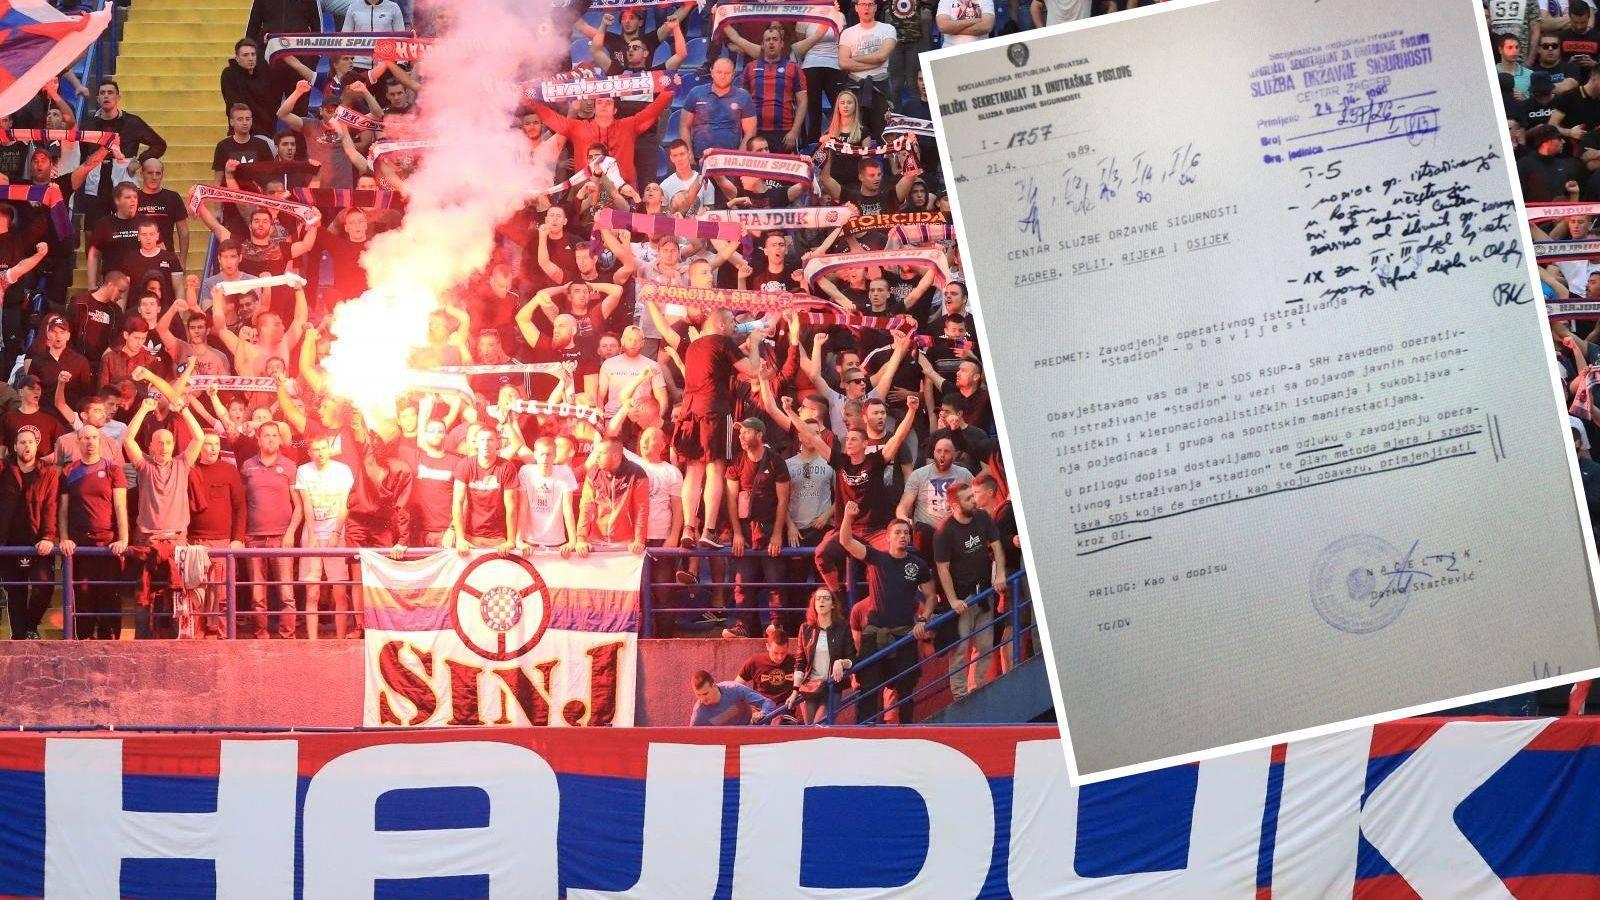 Nepoznata operacija 'Stadion': Udba je uhodila 243 Torcidaša